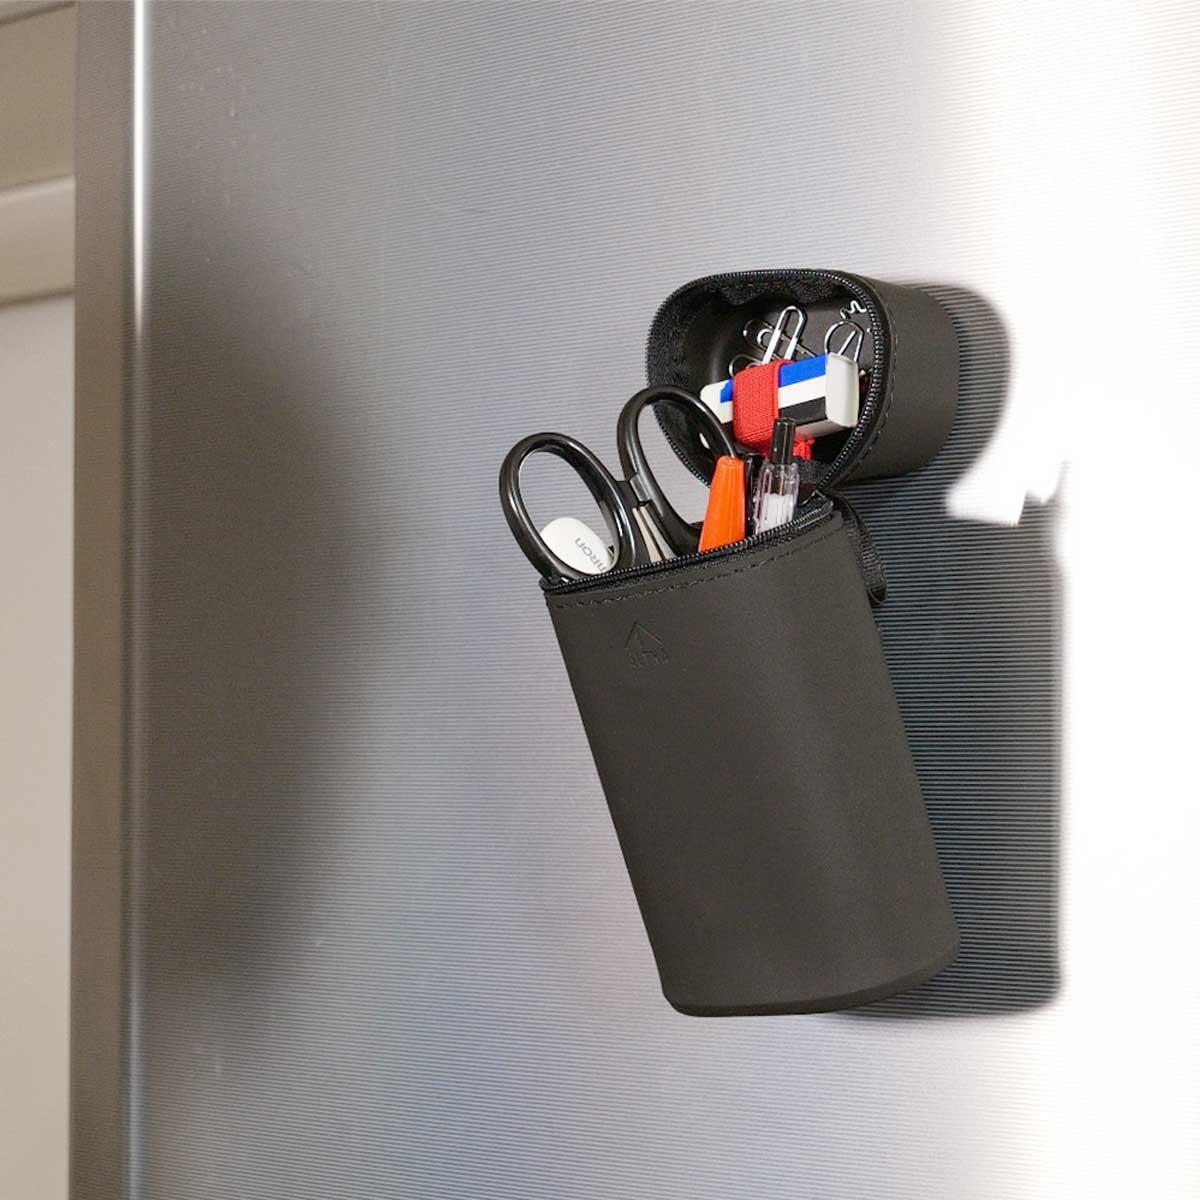 家族の「あれどこ?」を撲滅! 冷蔵庫周りですこぶる役立つ文房具4傑